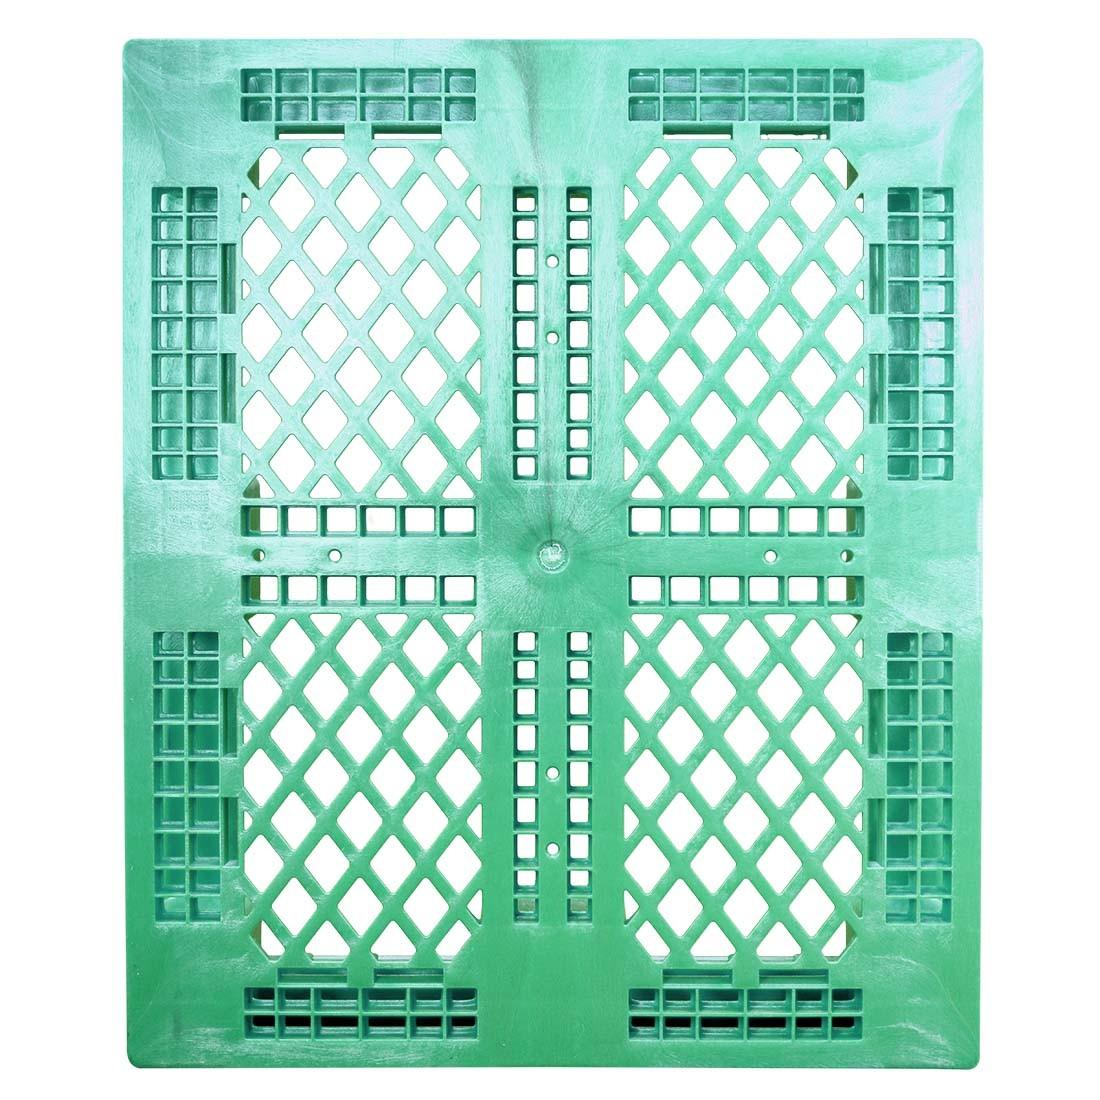 40 x 48 Rackable FDA Plastic Pallet - Green